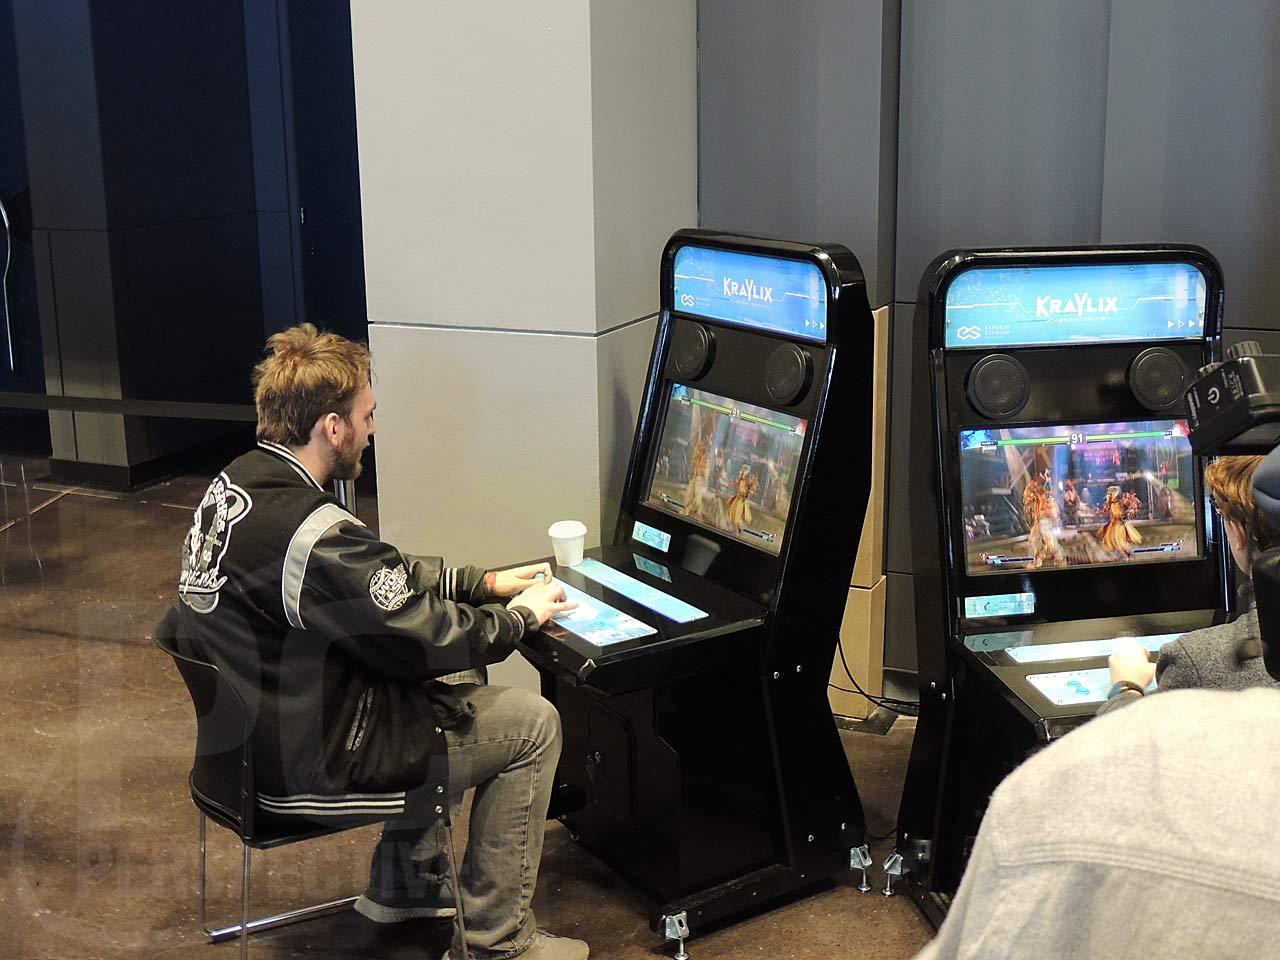 14-arcade-style-versus.jpg